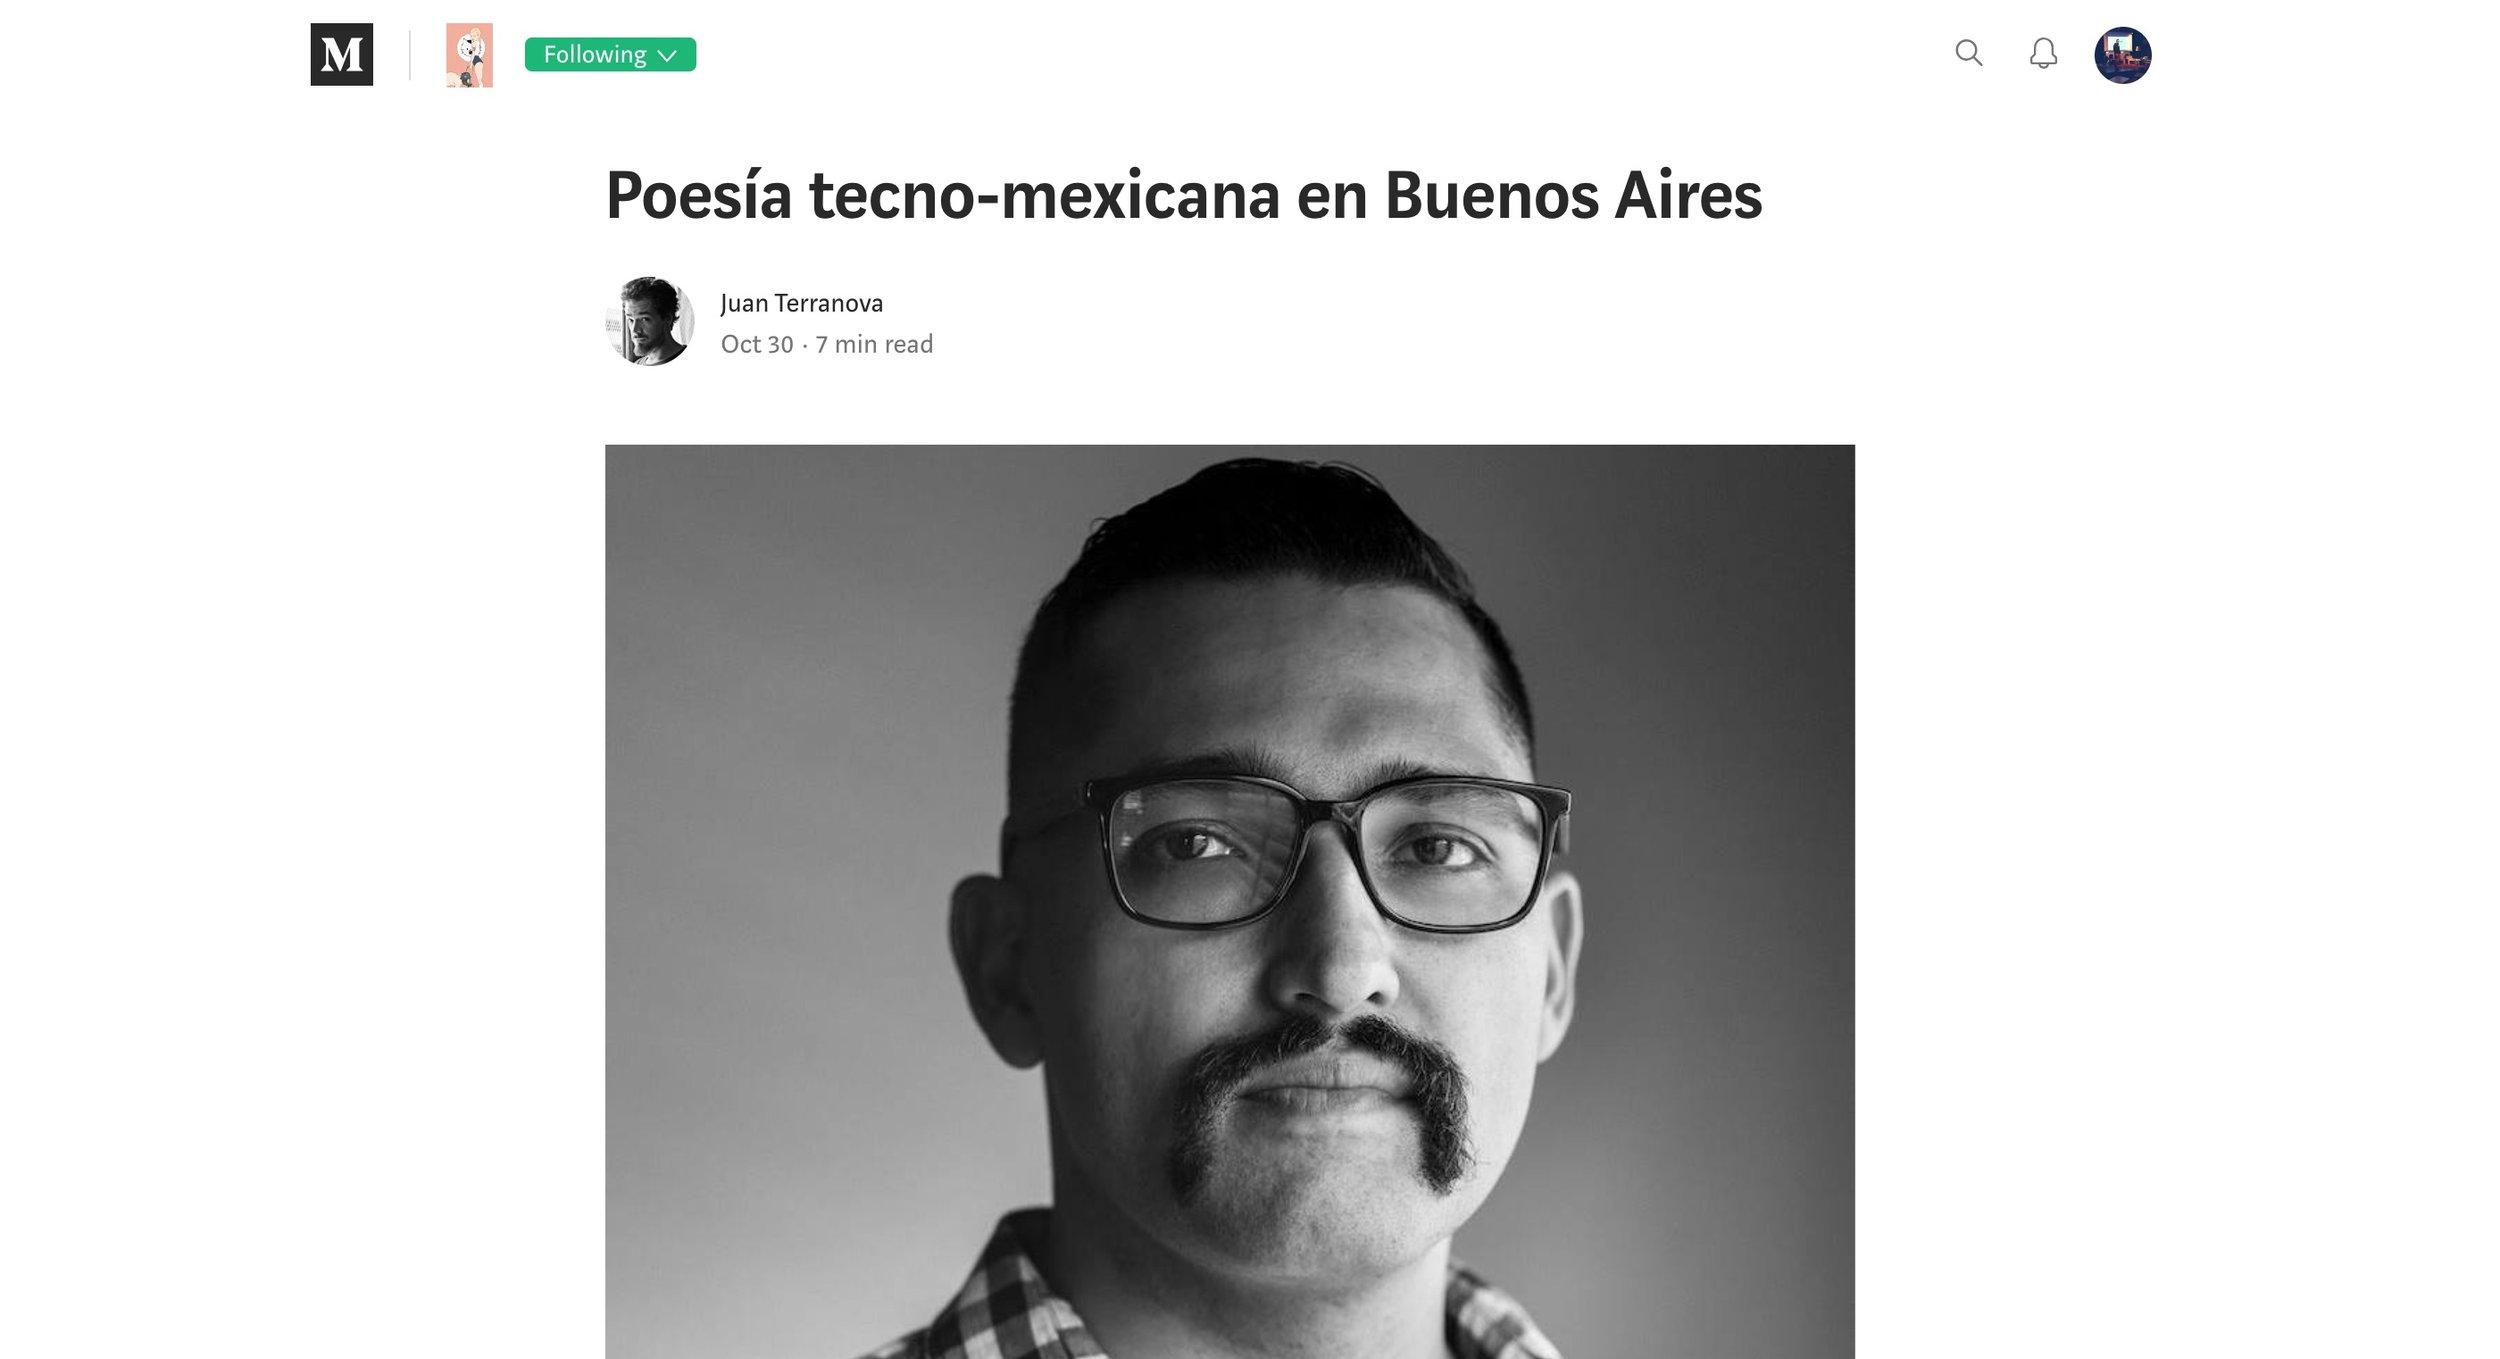 Poesía_tecno-mexicana_en_Buenos_Aires_–_Chicas_–_Medium.jpg